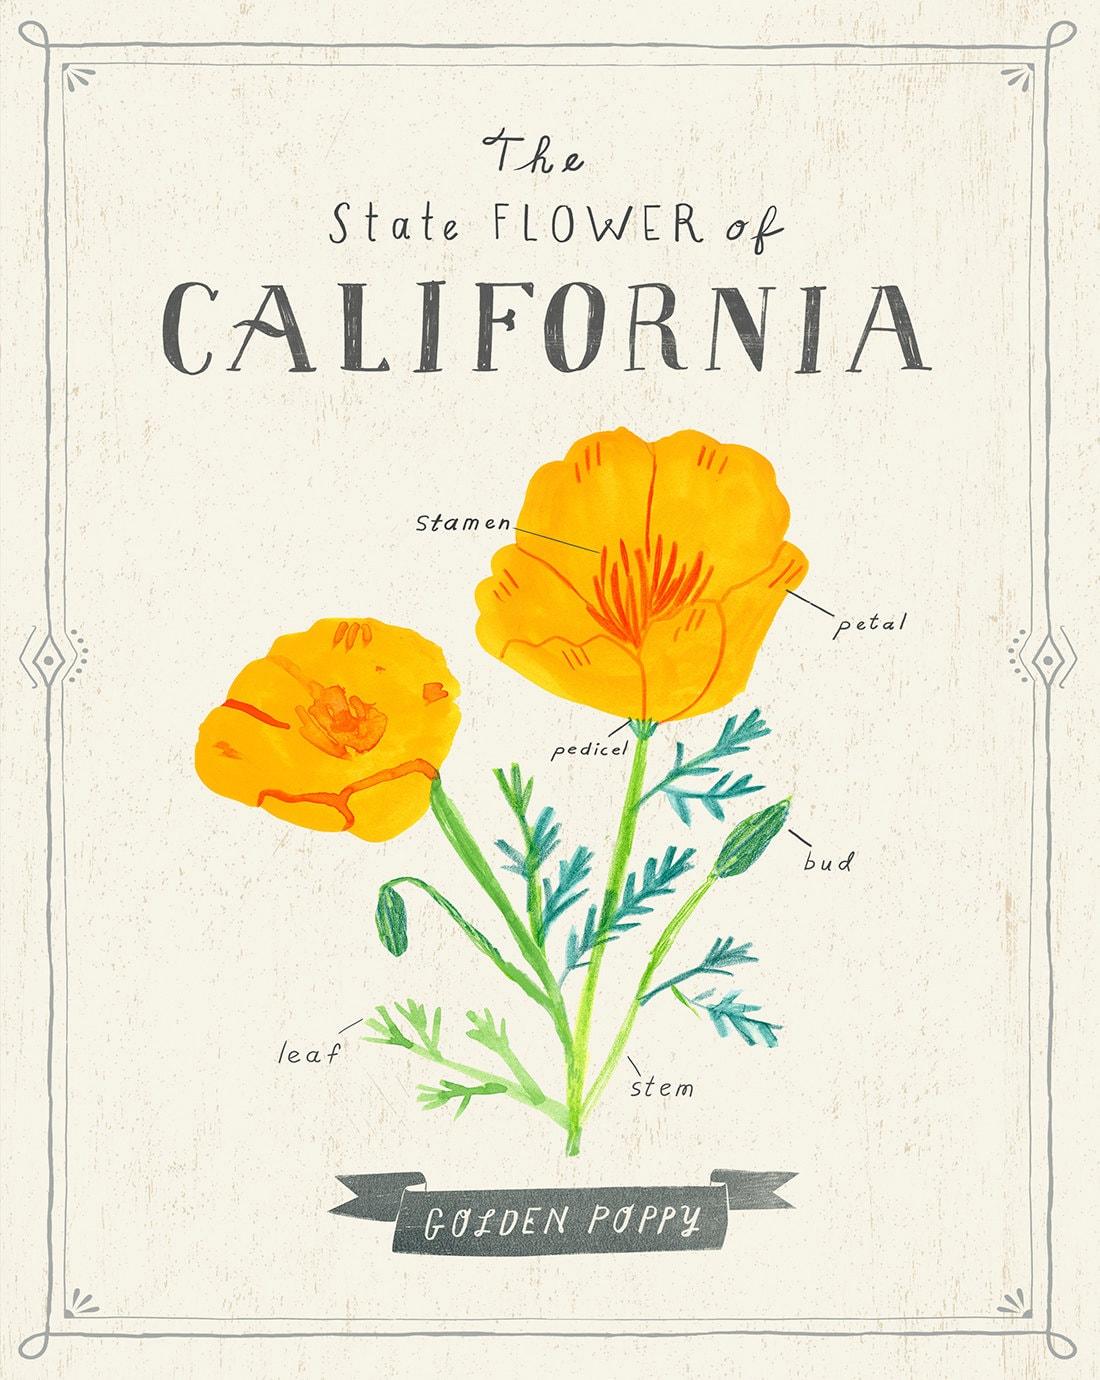 California State Flower Print The Golden Poppy